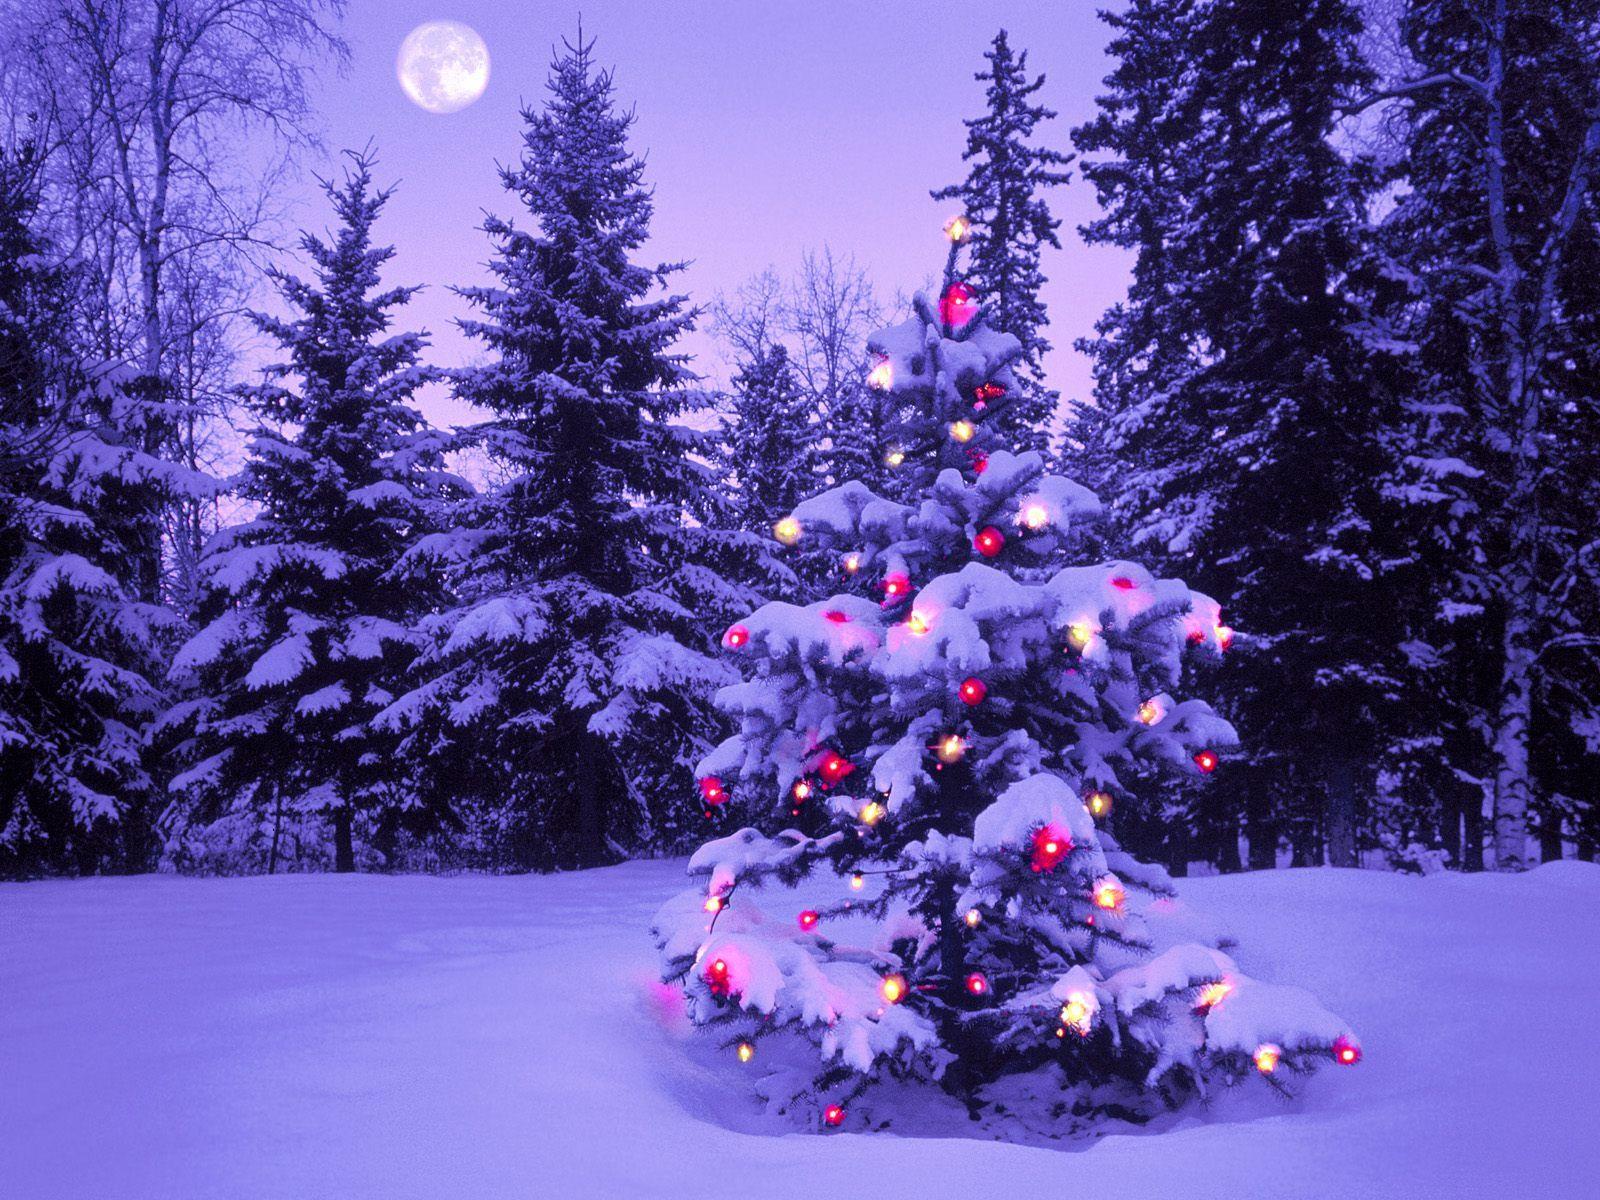 Oh Christmas Tree Christmas Tree Pictures Christmas Lights Wallpaper Christmas Desktop